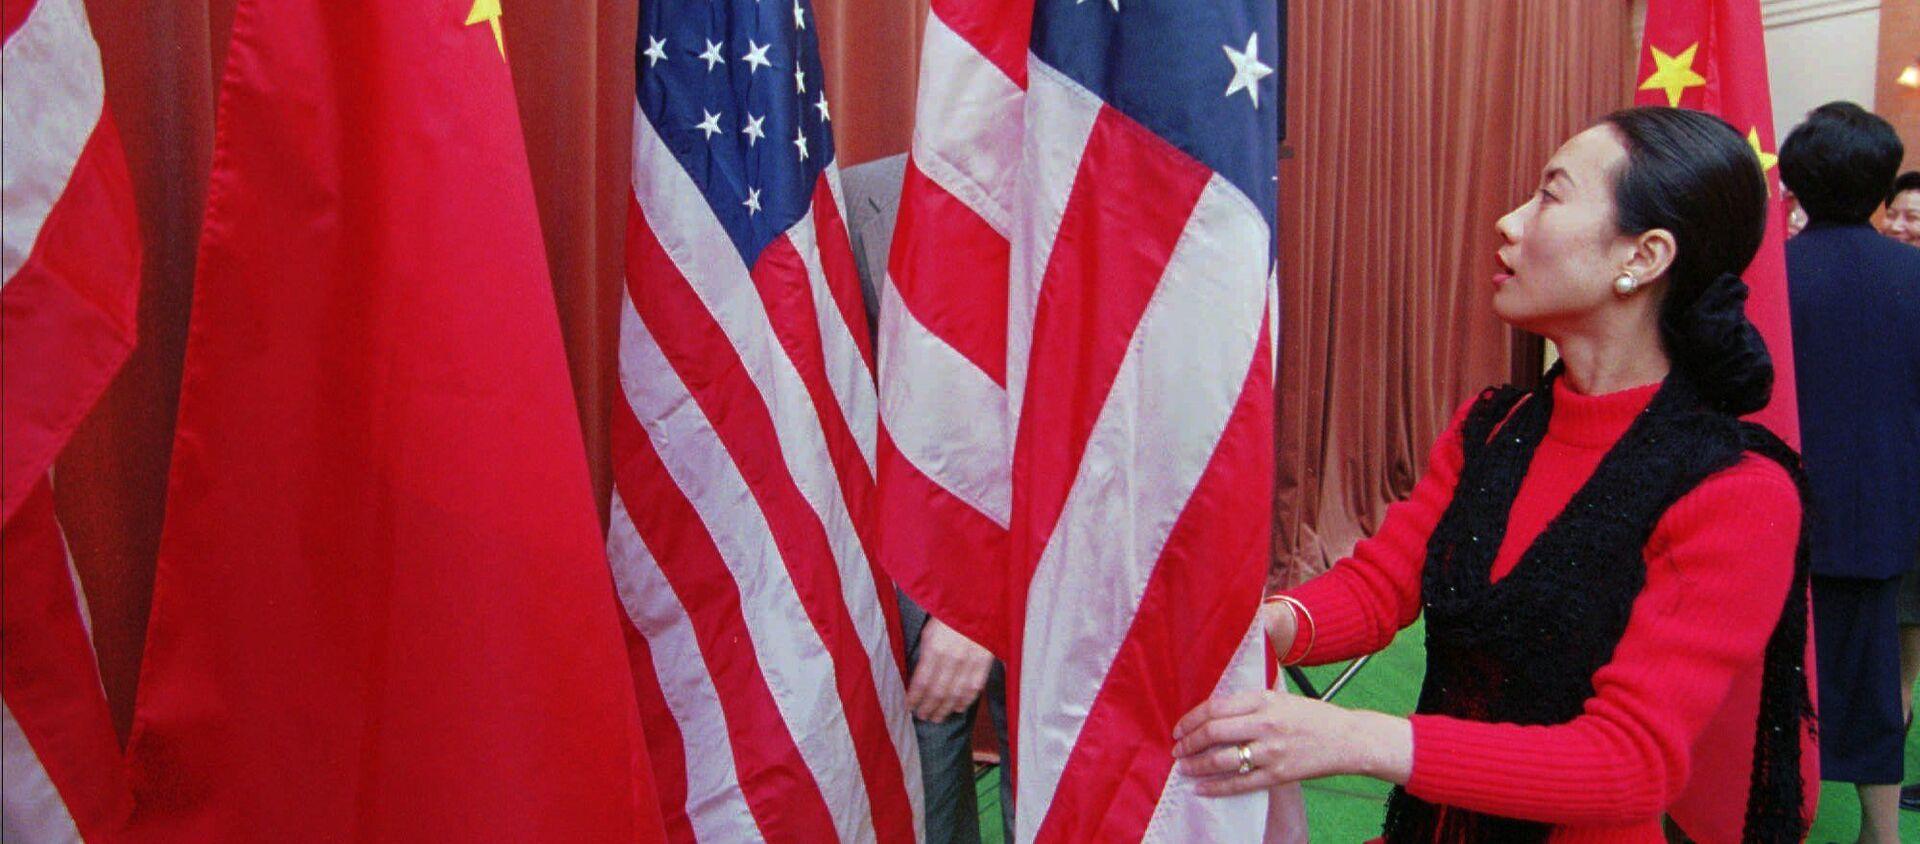 Quốc kỳ của Trung Quốc và Hoa Kỳ - Sputnik Việt Nam, 1920, 02.04.2021